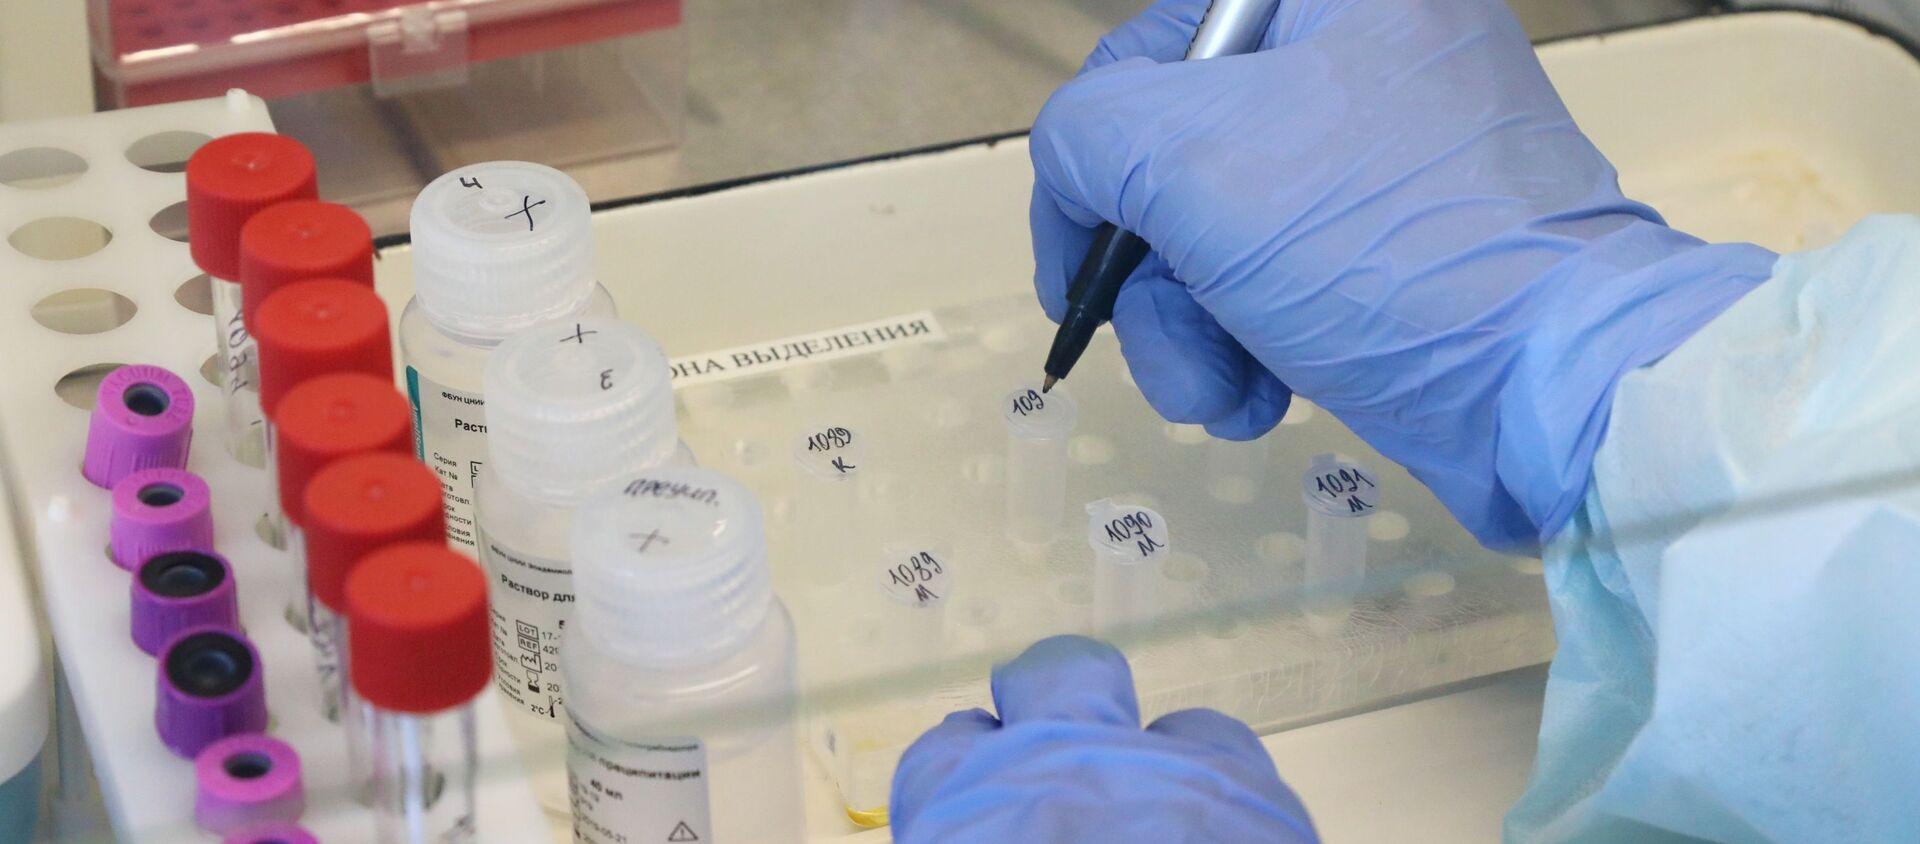 Лаборатория для тестирования на коронавирус в Архангельской области - Sputnik Абхазия, 1920, 12.08.2021